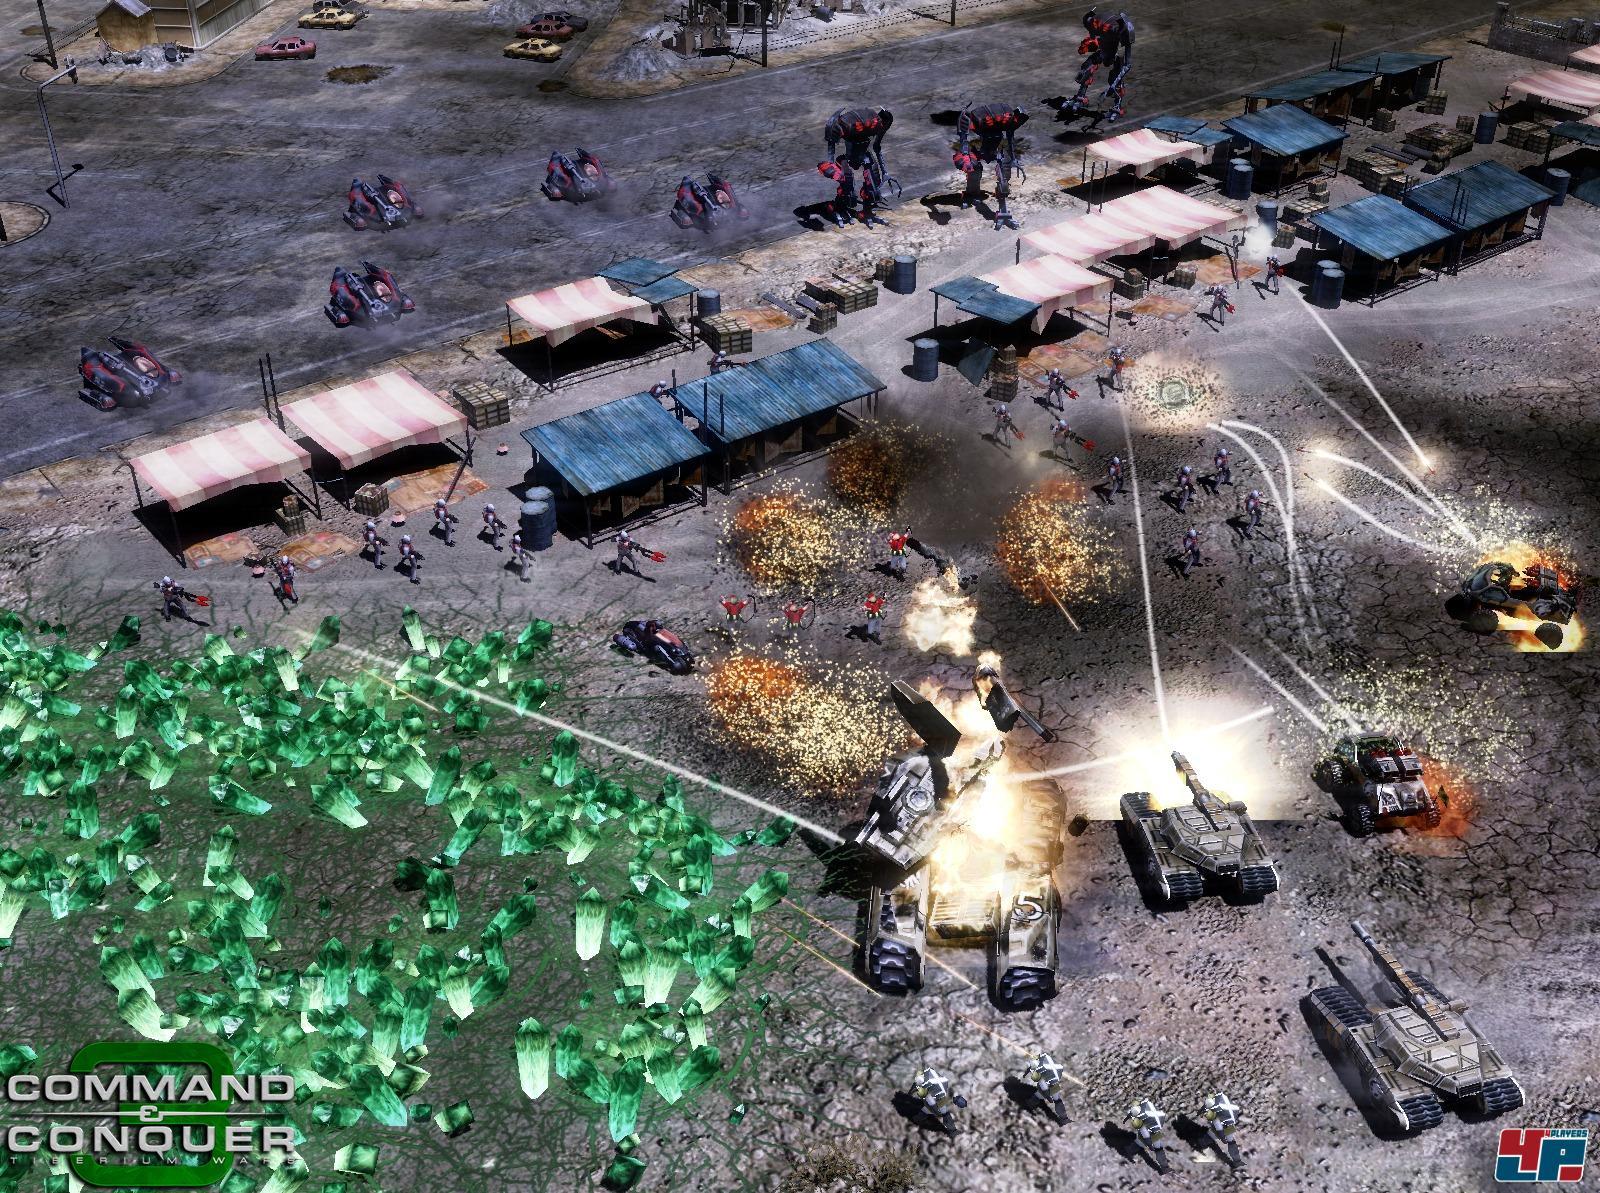 Скачать патч к игре Command & Conquer 3 Tiberium Wars 1.05 бесплатно.